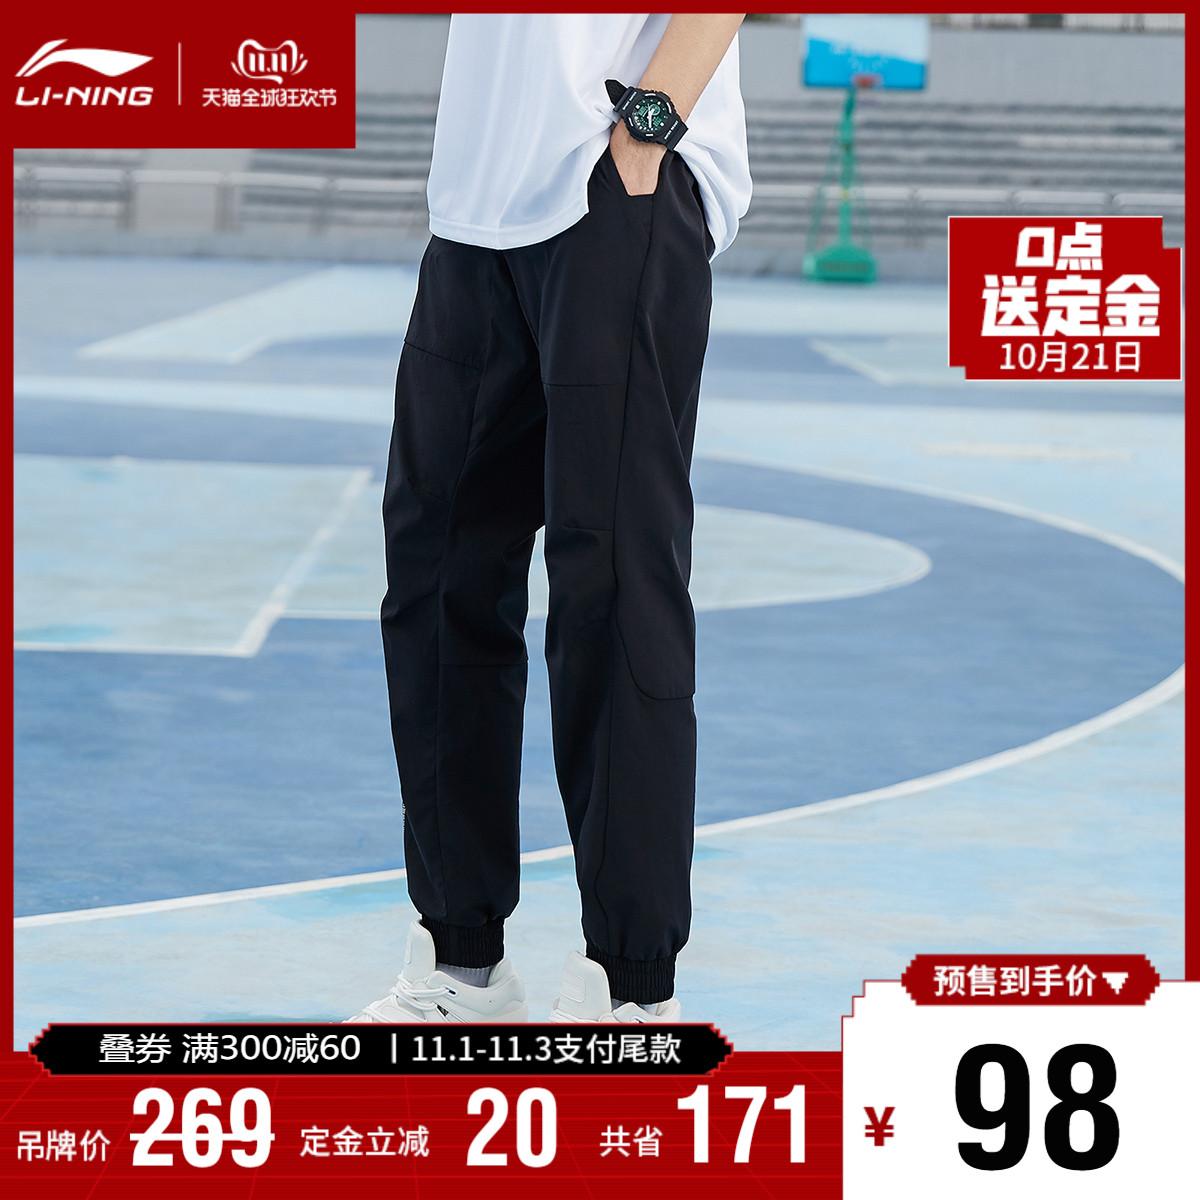 双11预售李宁运动裤男士旗舰新款BADFIVE裤男装收口梭织运动长裤